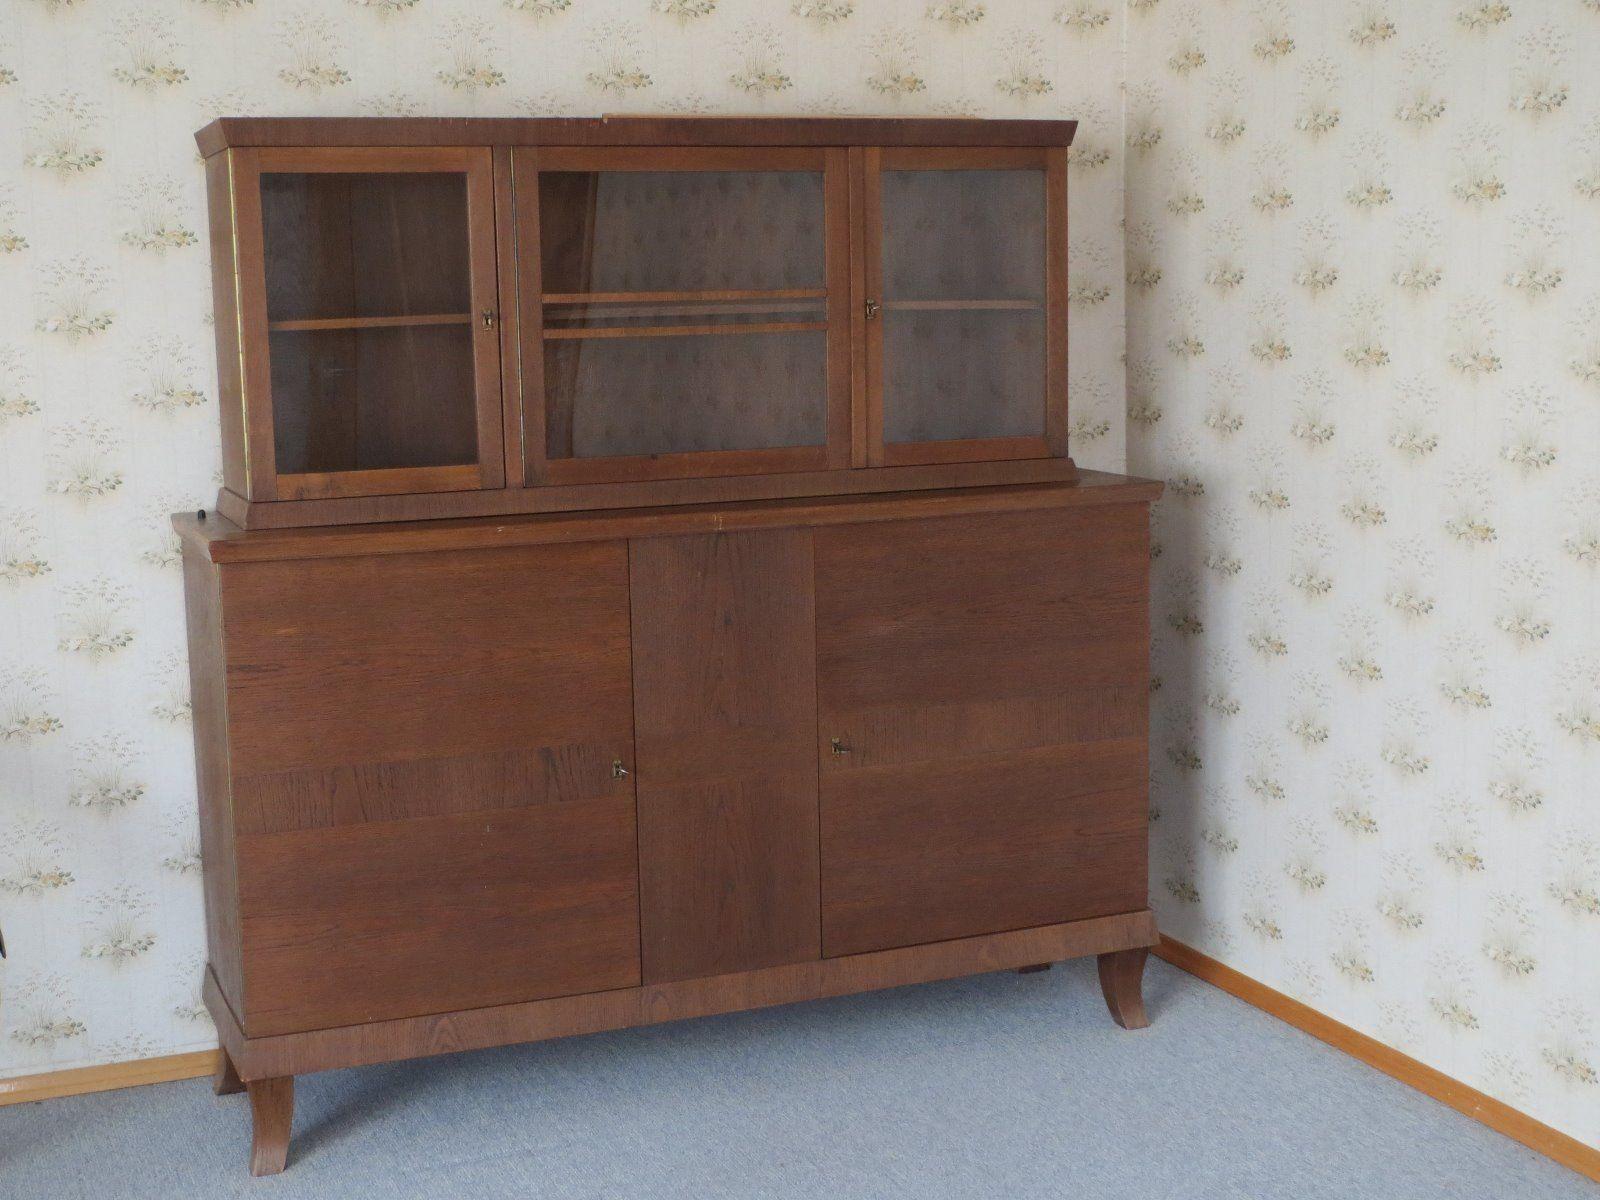 Buffet Küchenschrank ~ Buffet anrichte schrank alt in antiquitäten kunst mobiliar